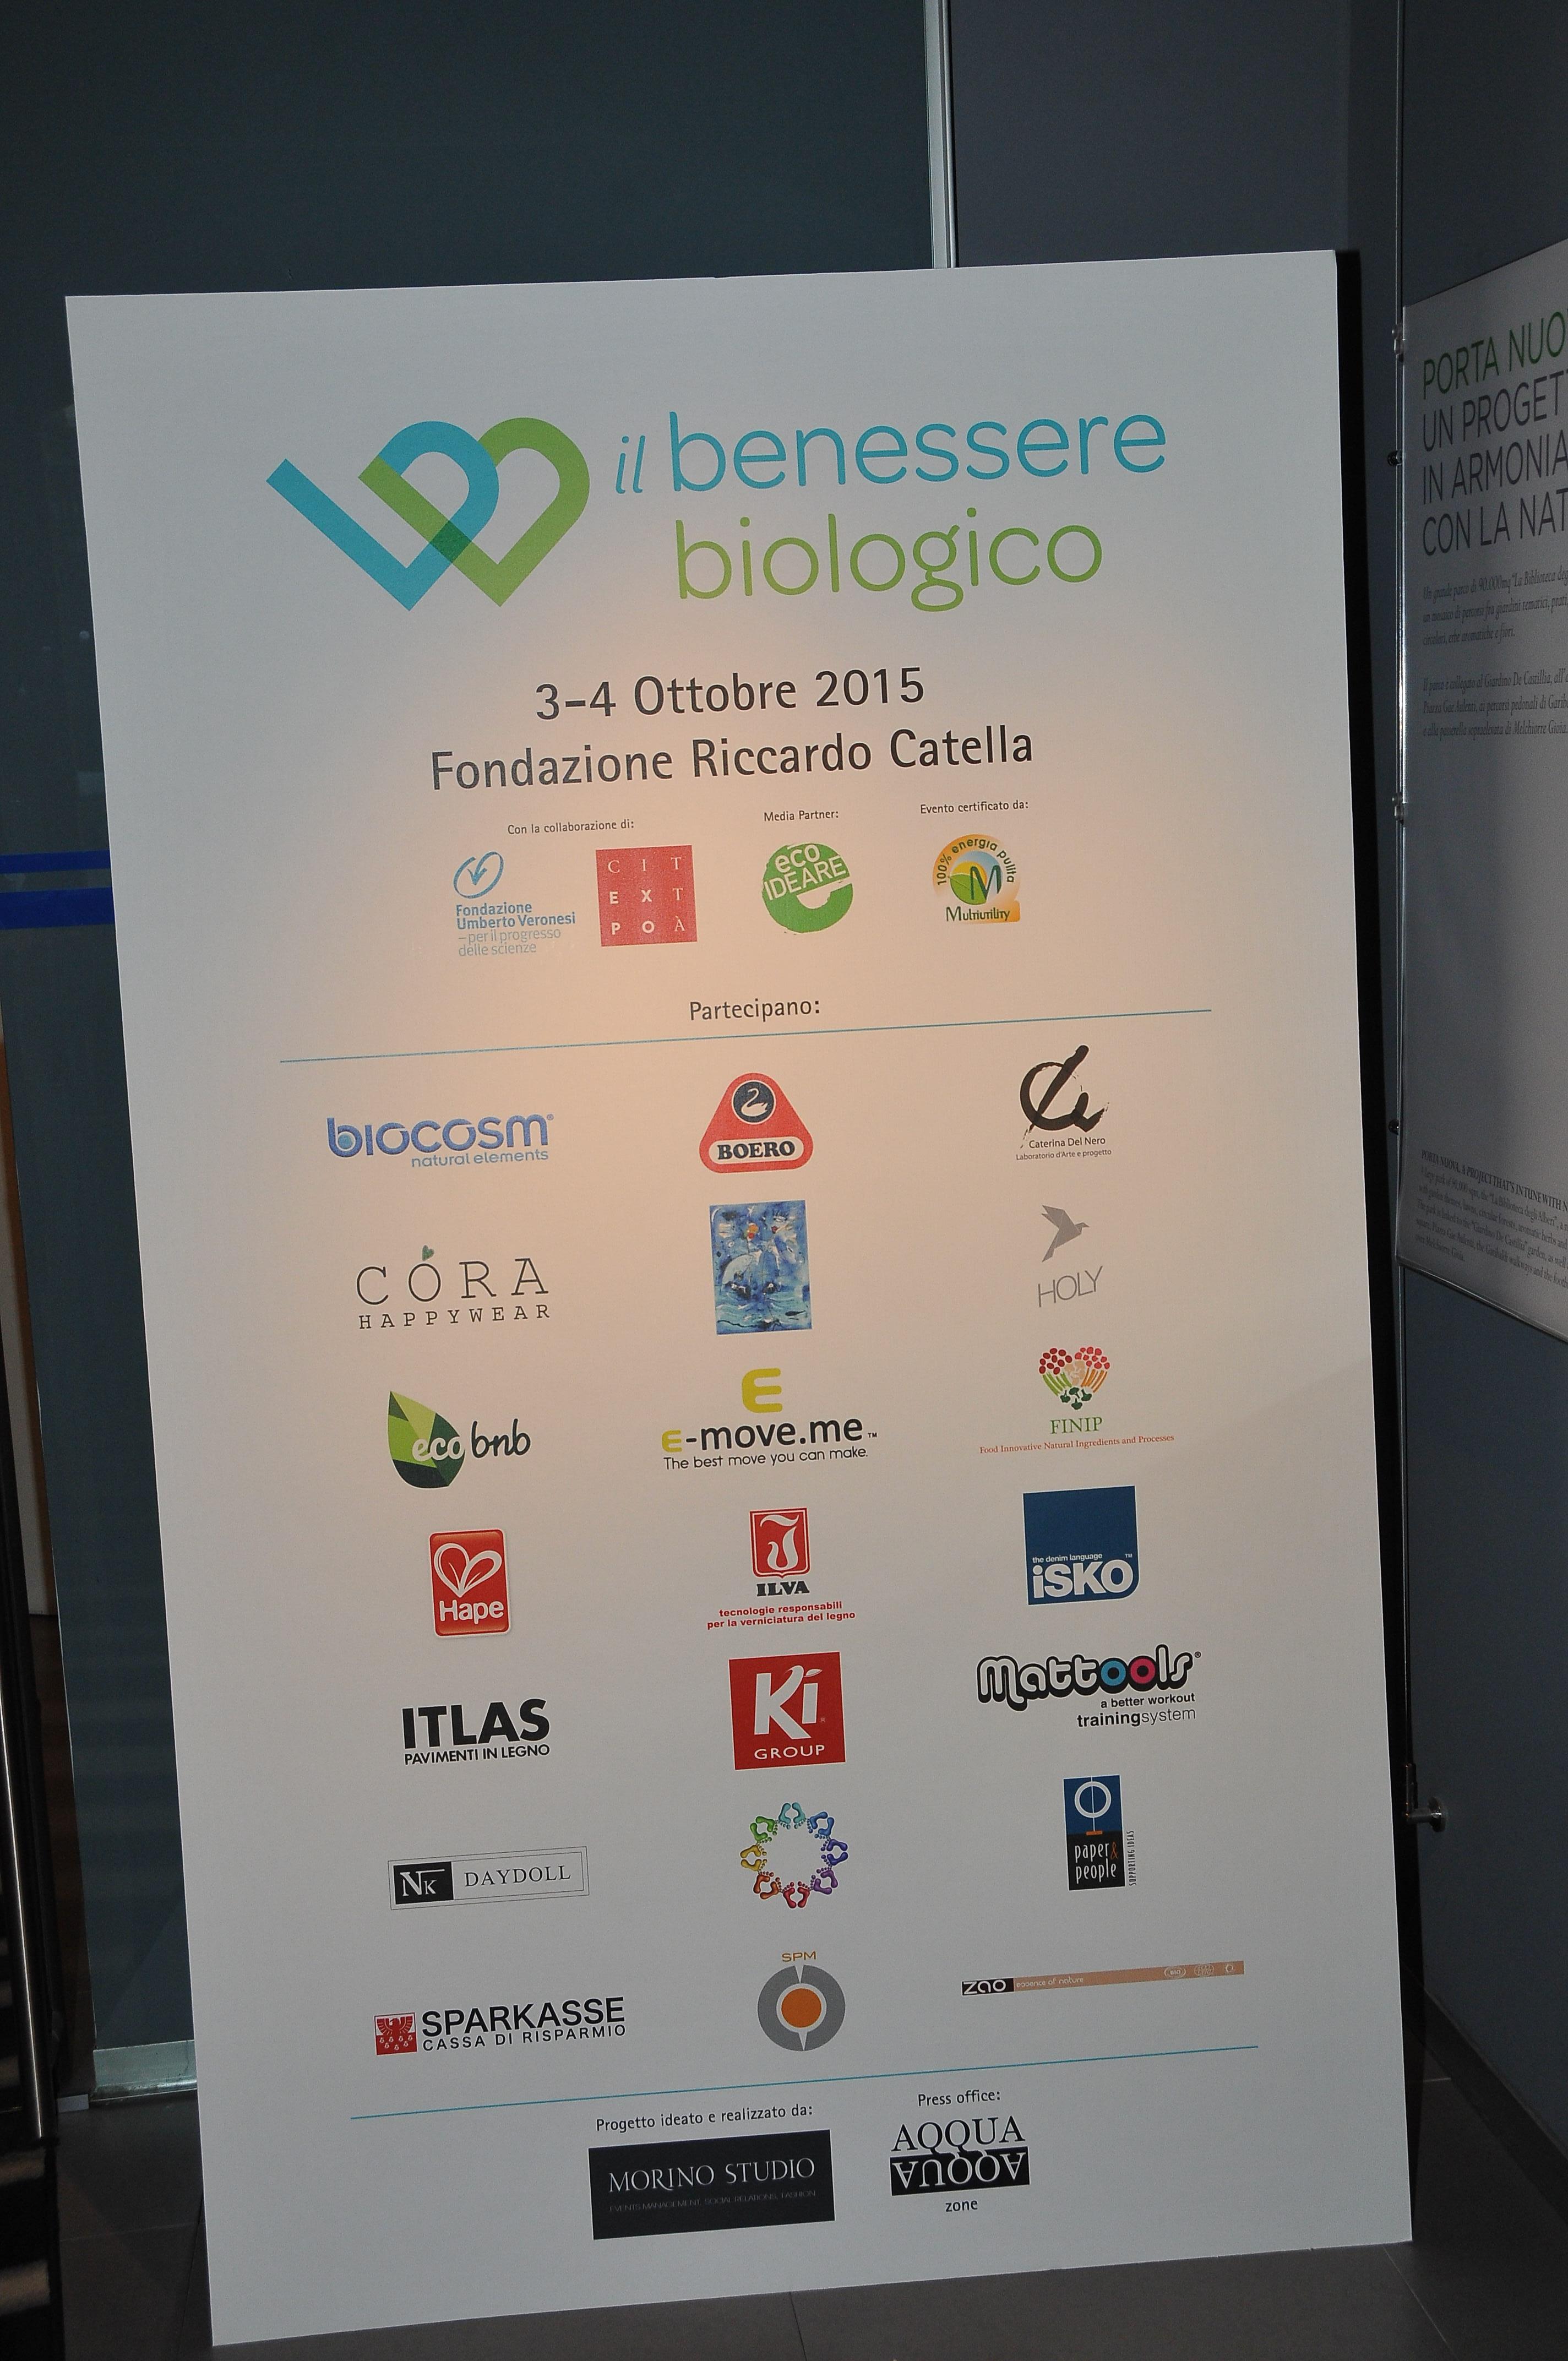 Il Benessere Biologico - Opening 2 Ottobre 20154